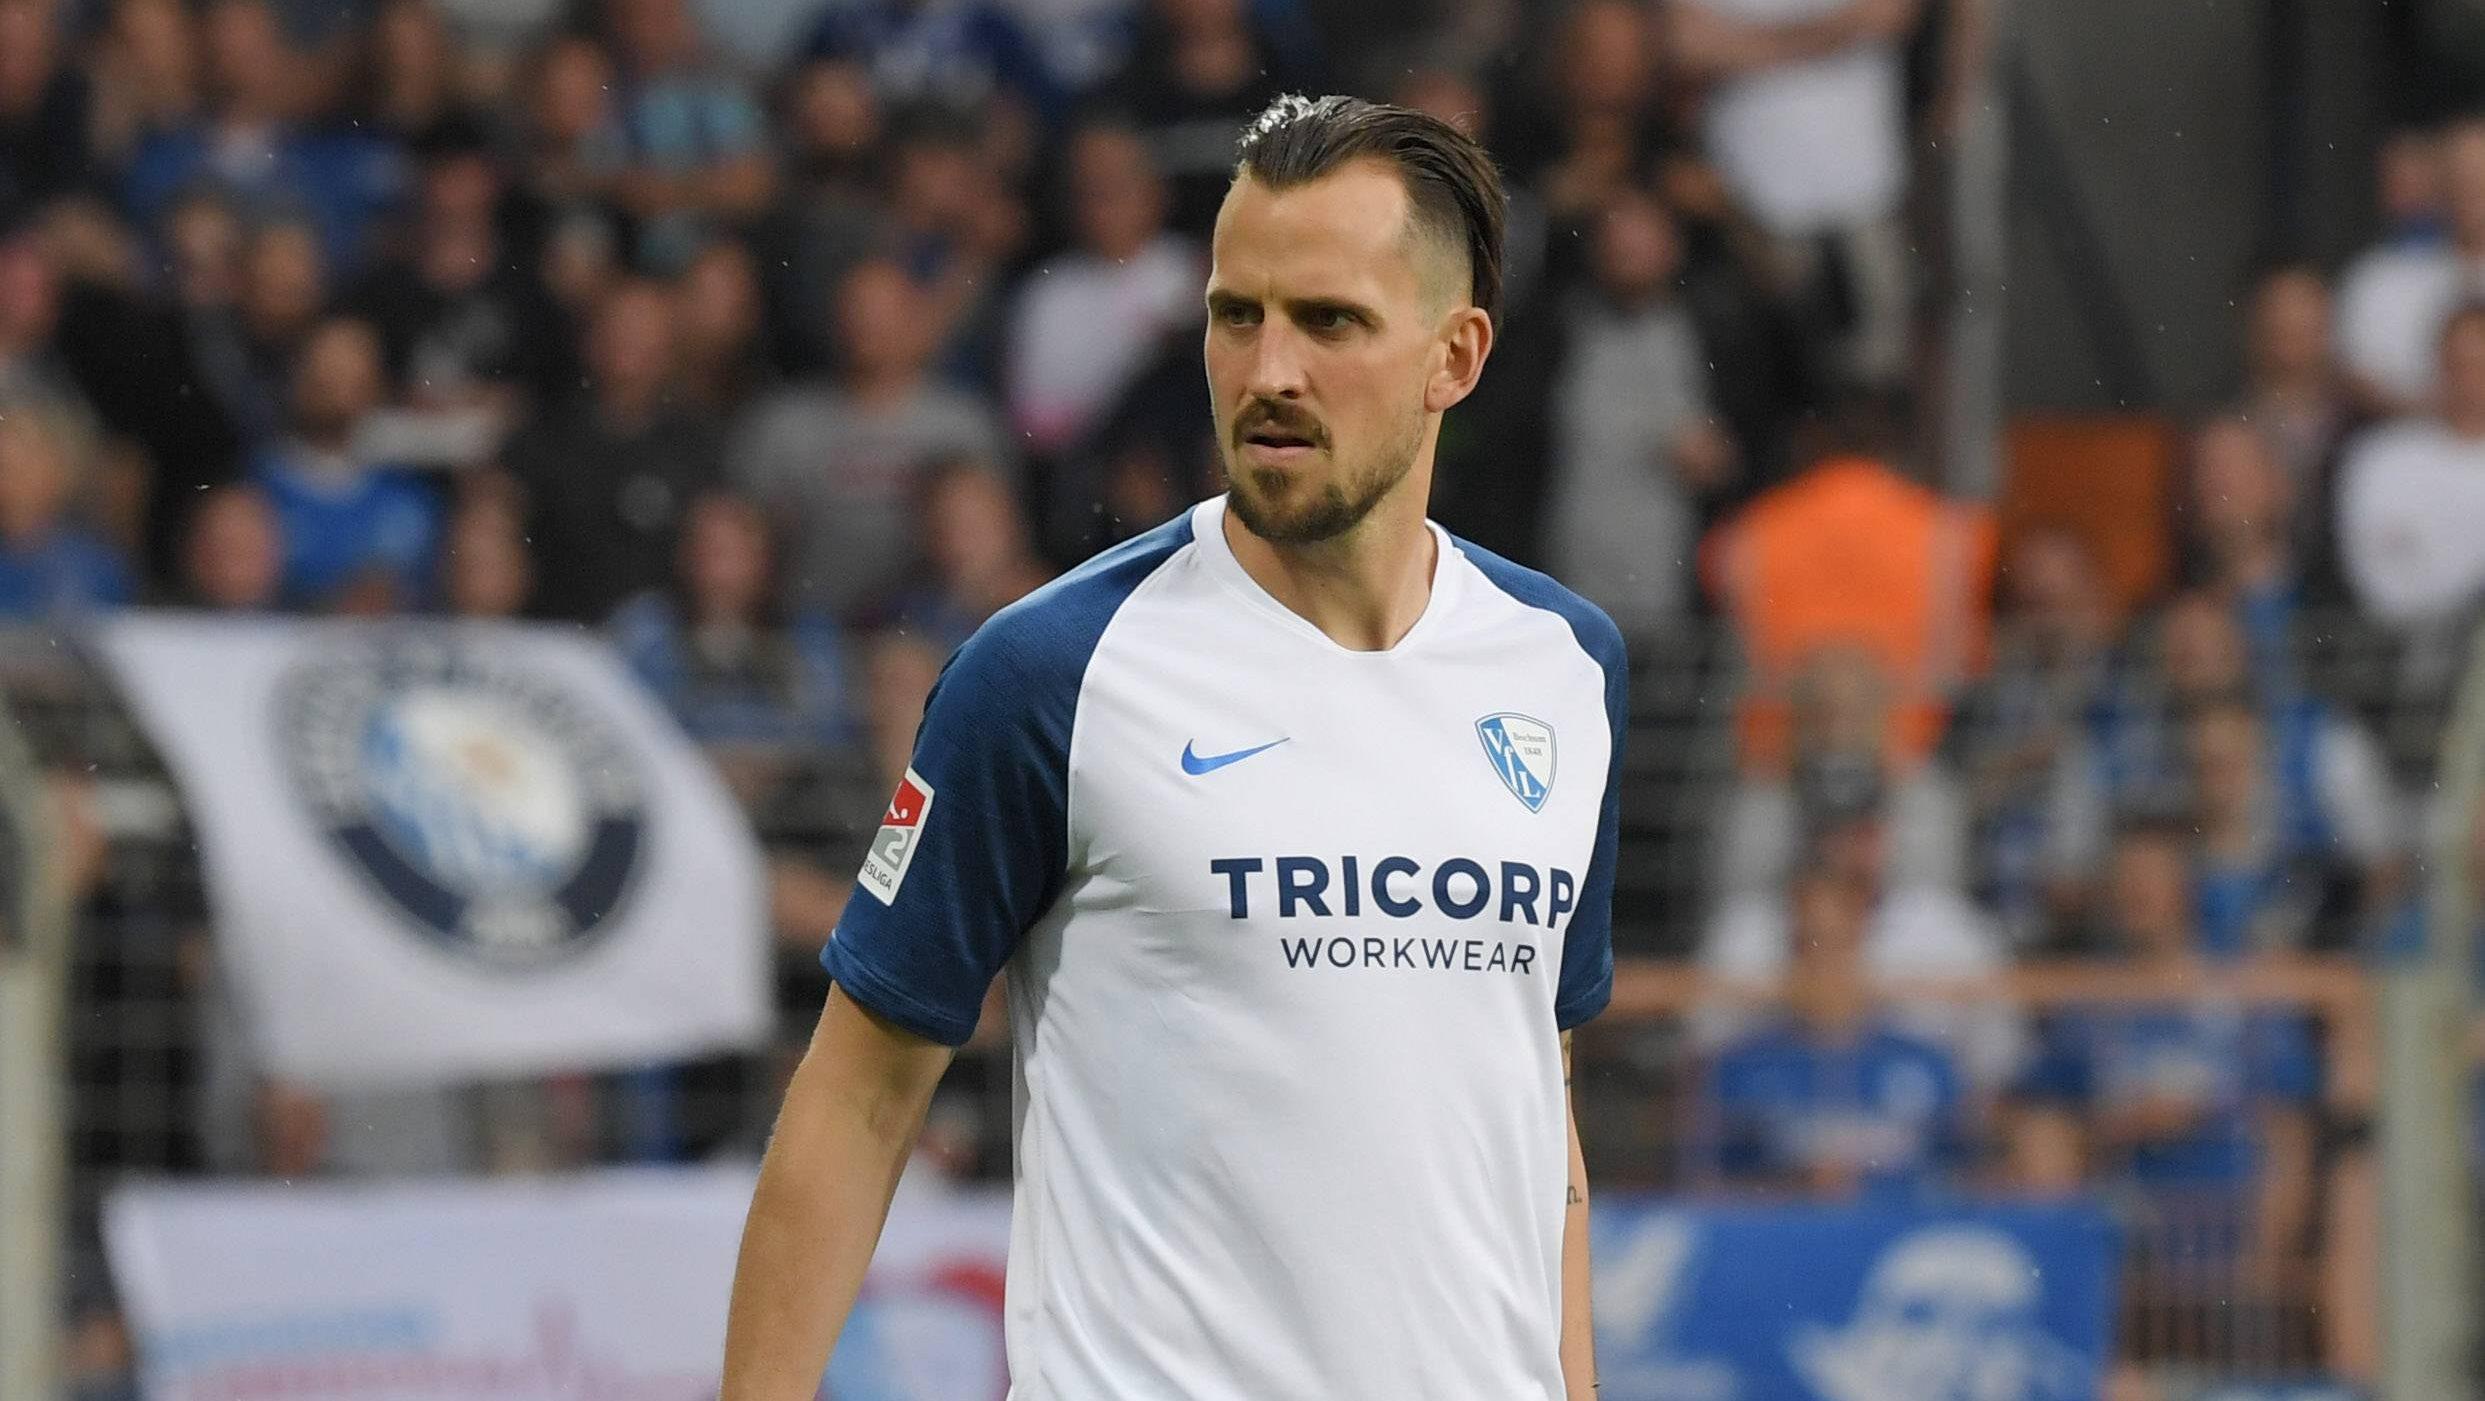 Patrick Fabian bleibt beim VfL Bochum und erhält neue Aufgaben